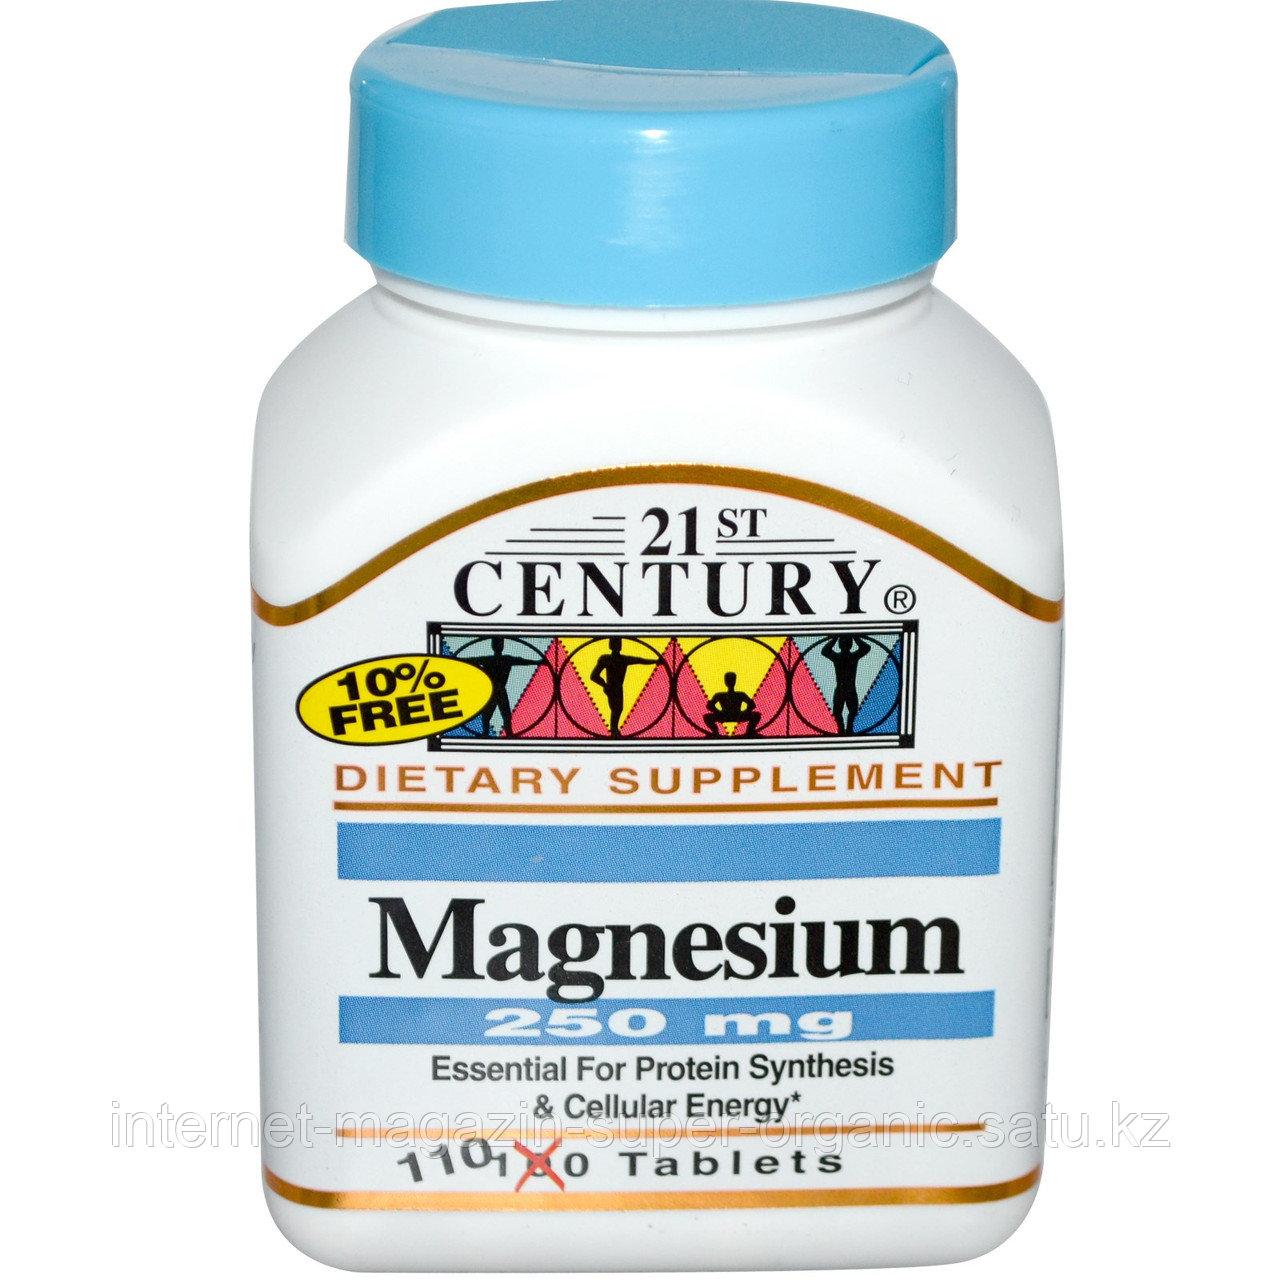 Магний, 250 мг, 110 таблеток, 21st Century